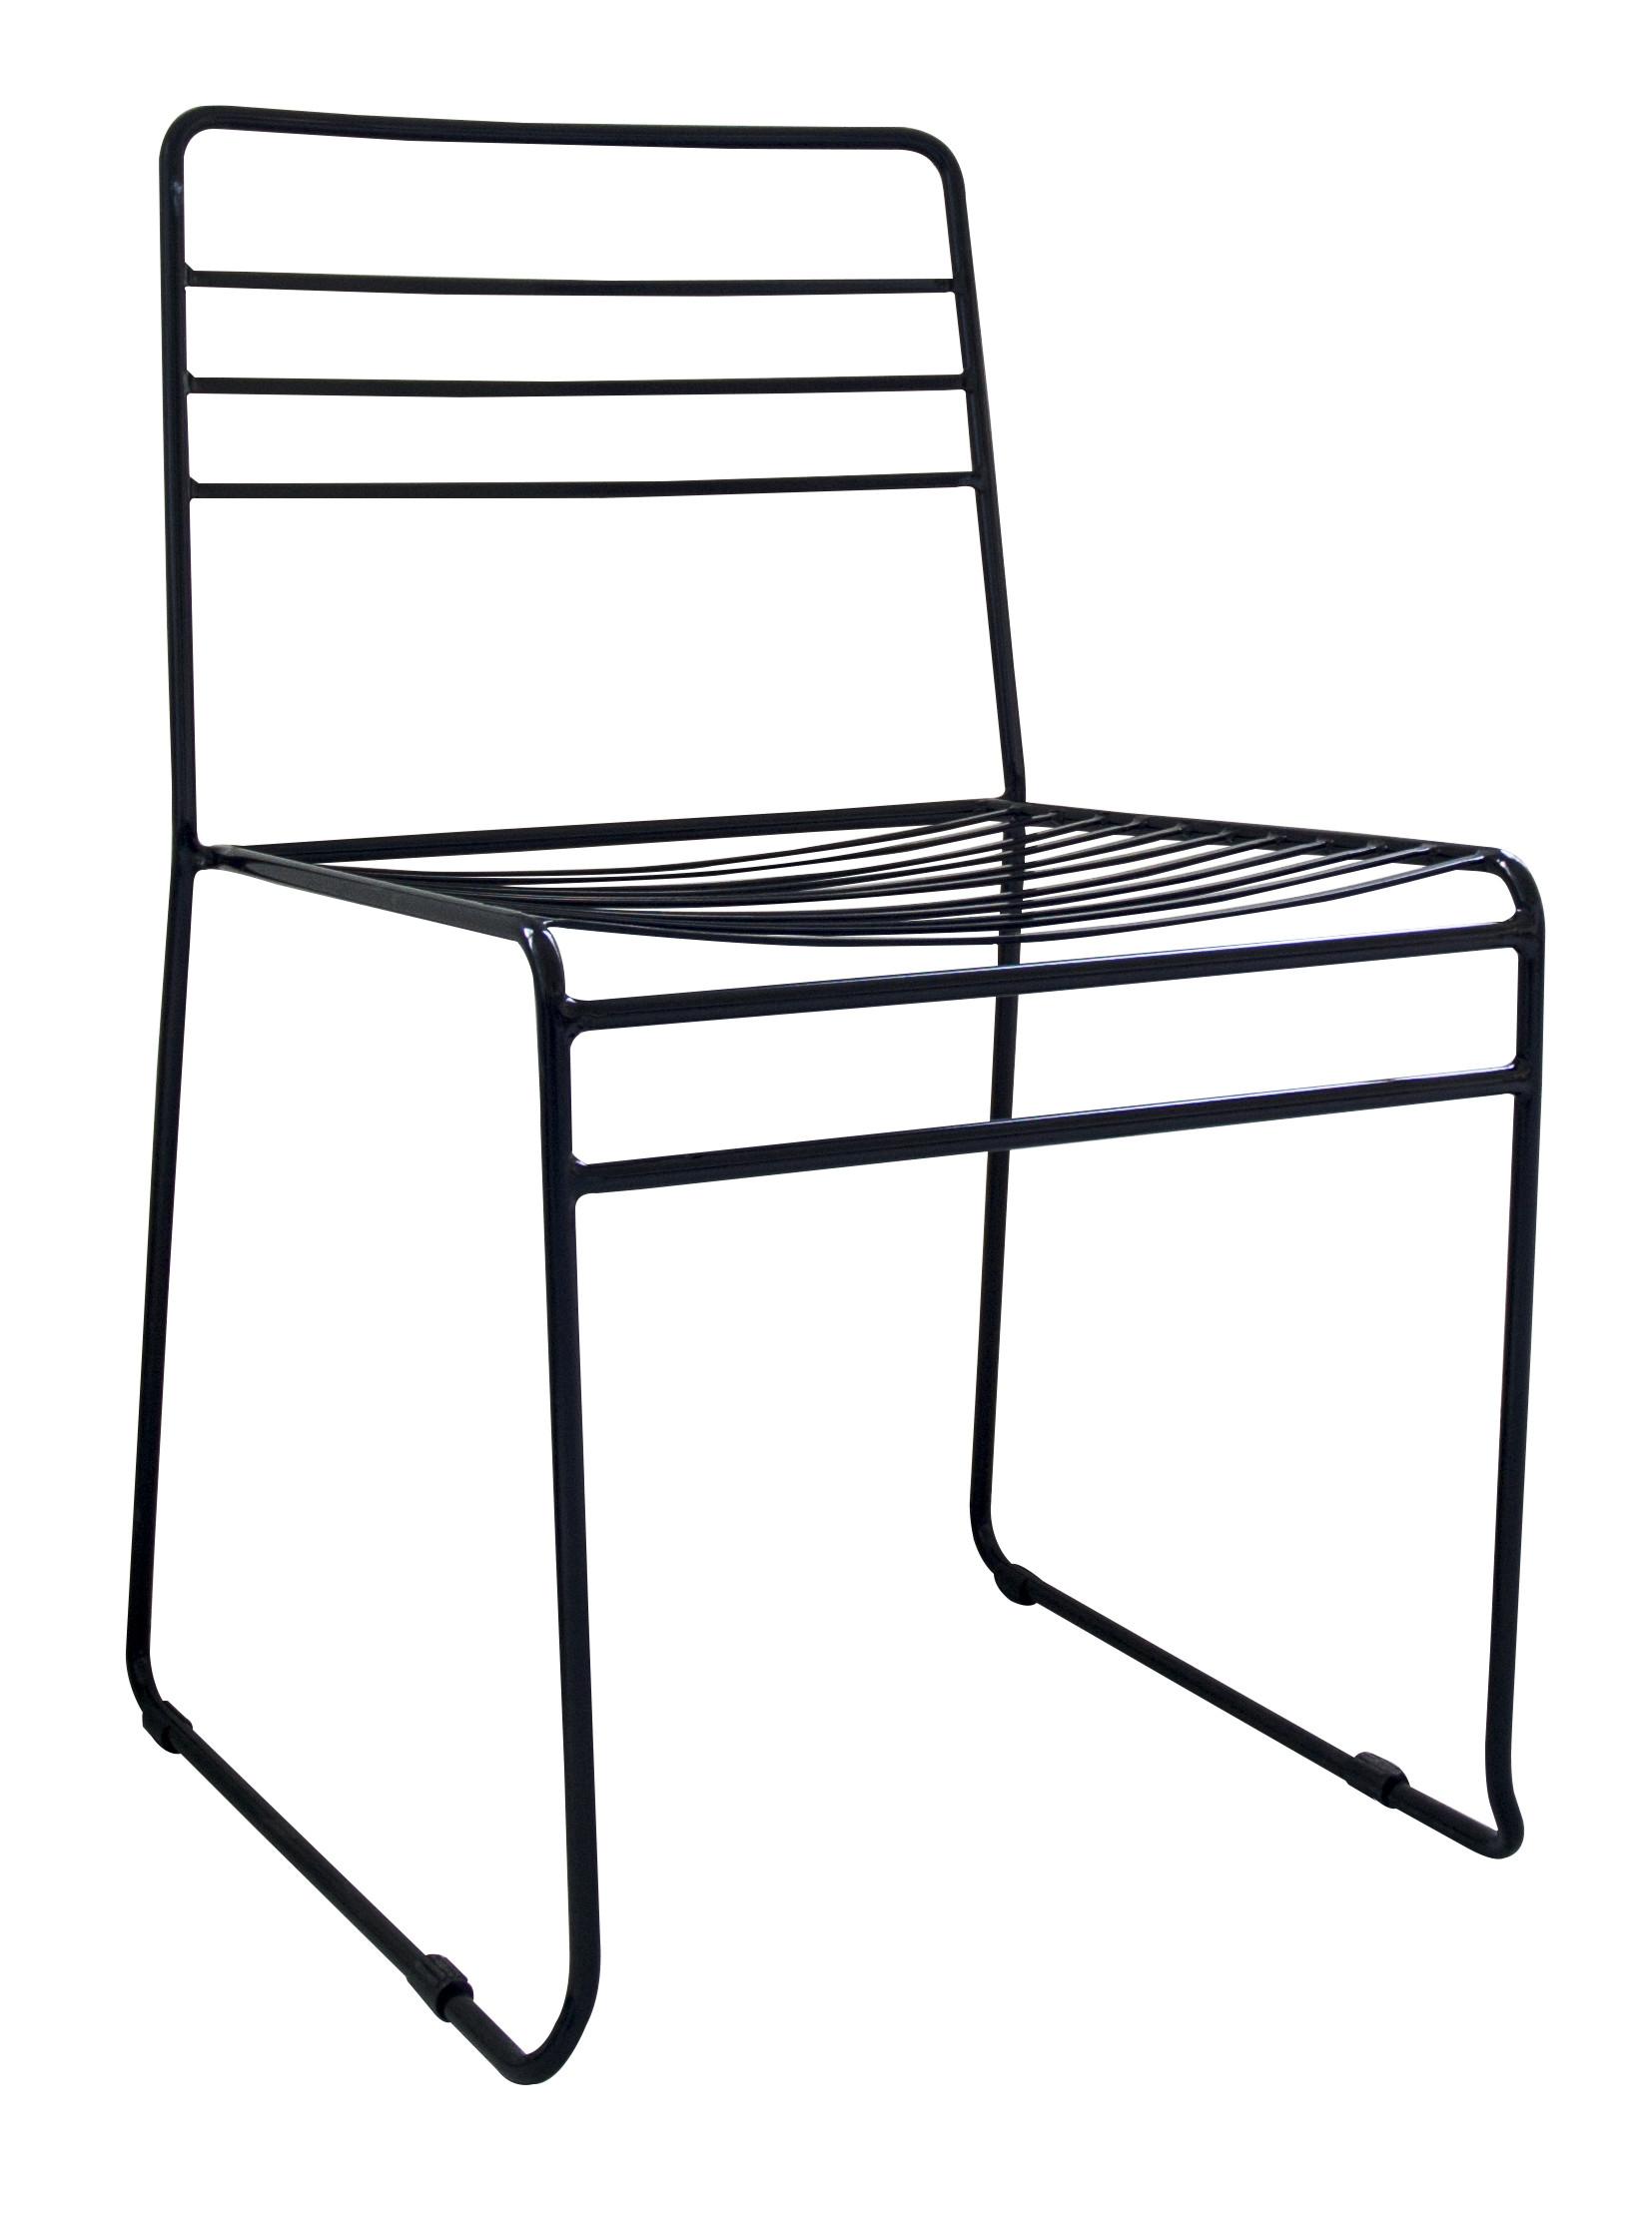 Kyst Dining Chair - Stuhl für Innen- und Aussenbereich 01